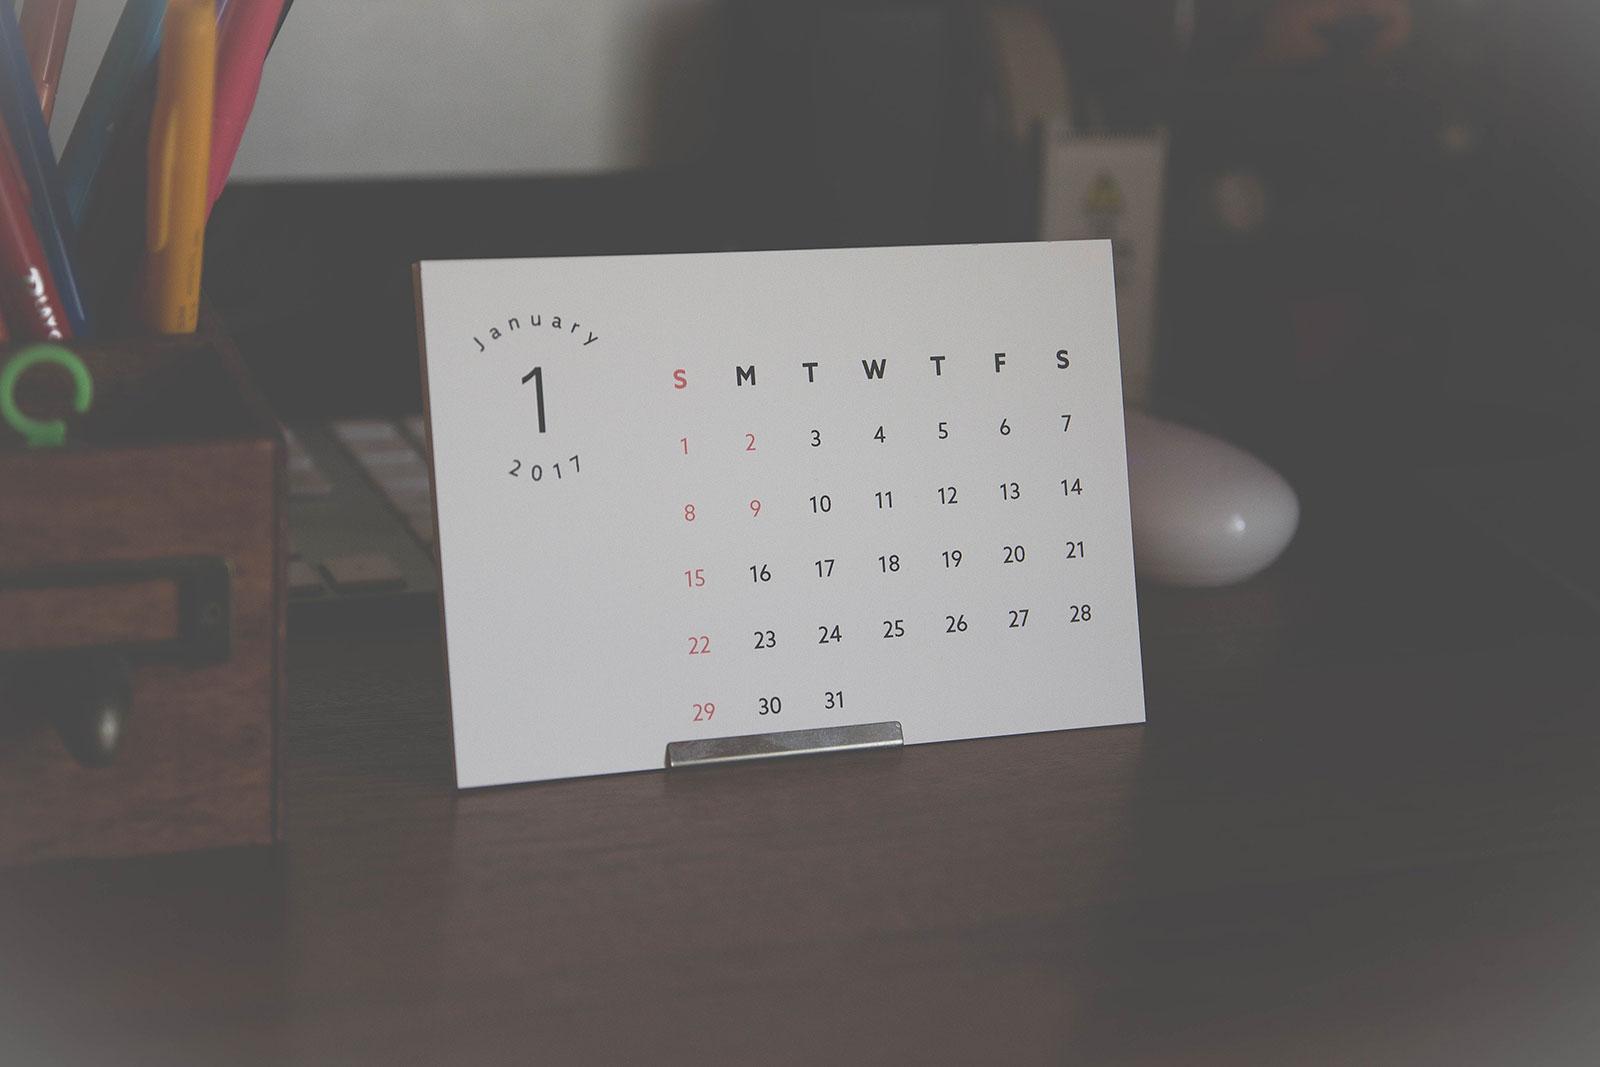 卓上 カレンダー 無料 ダウンロード 2019